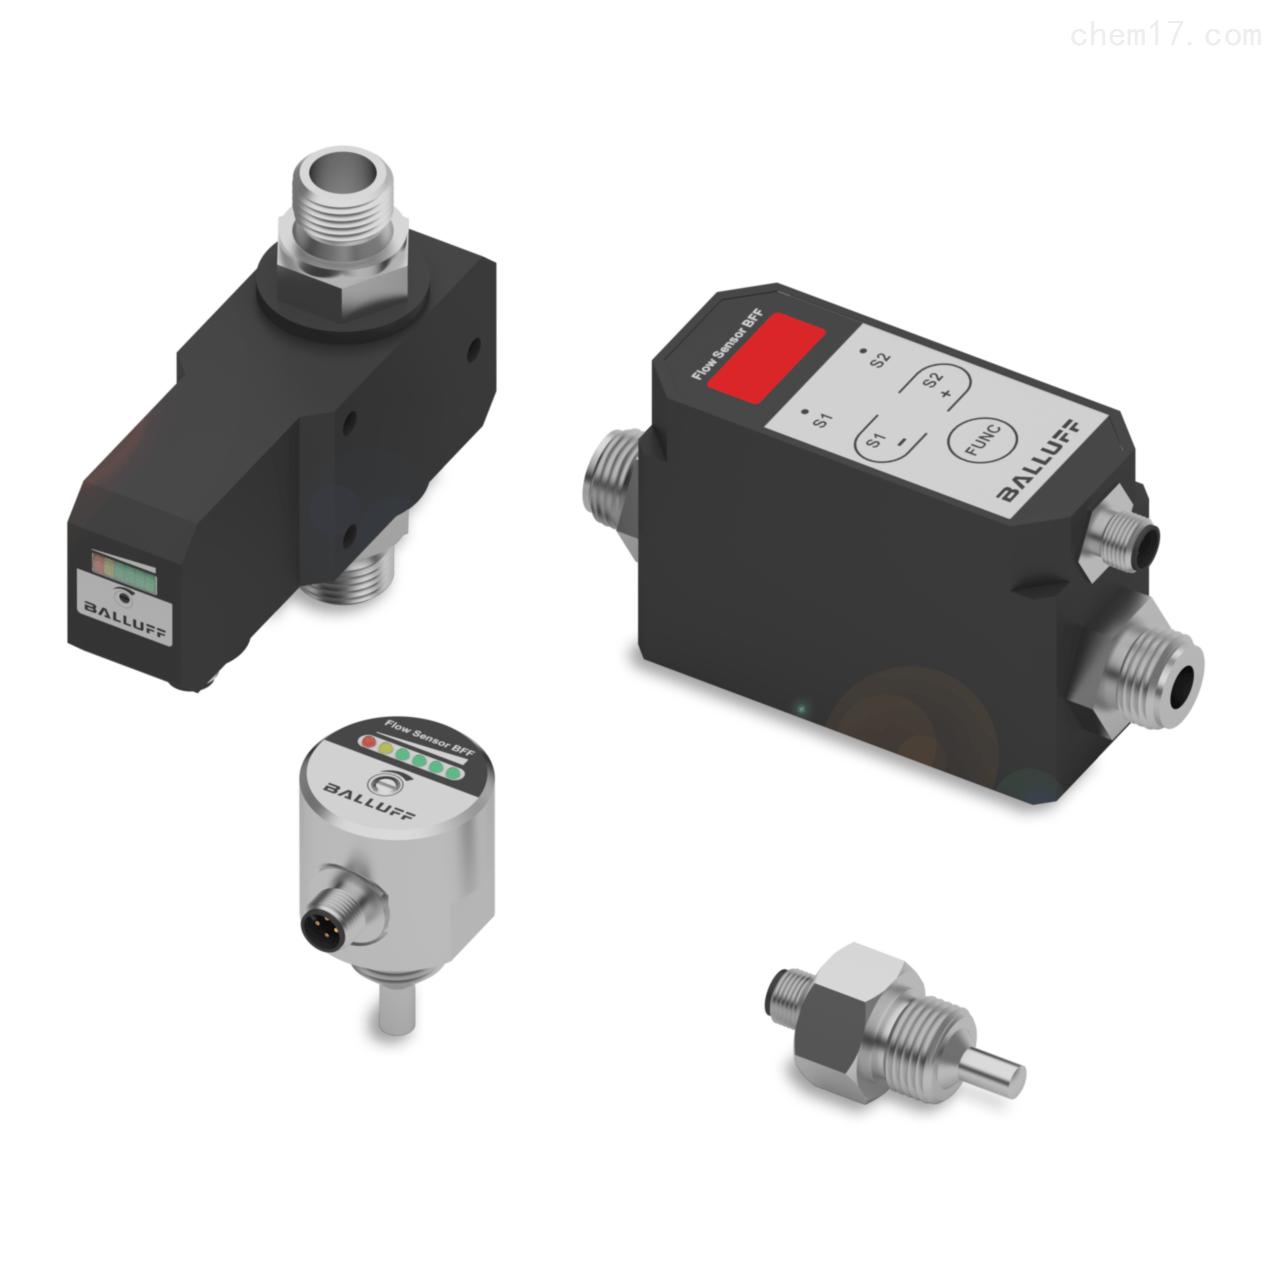 巴鲁夫角度传感器BSI R65K0-XB-MXS045-S115